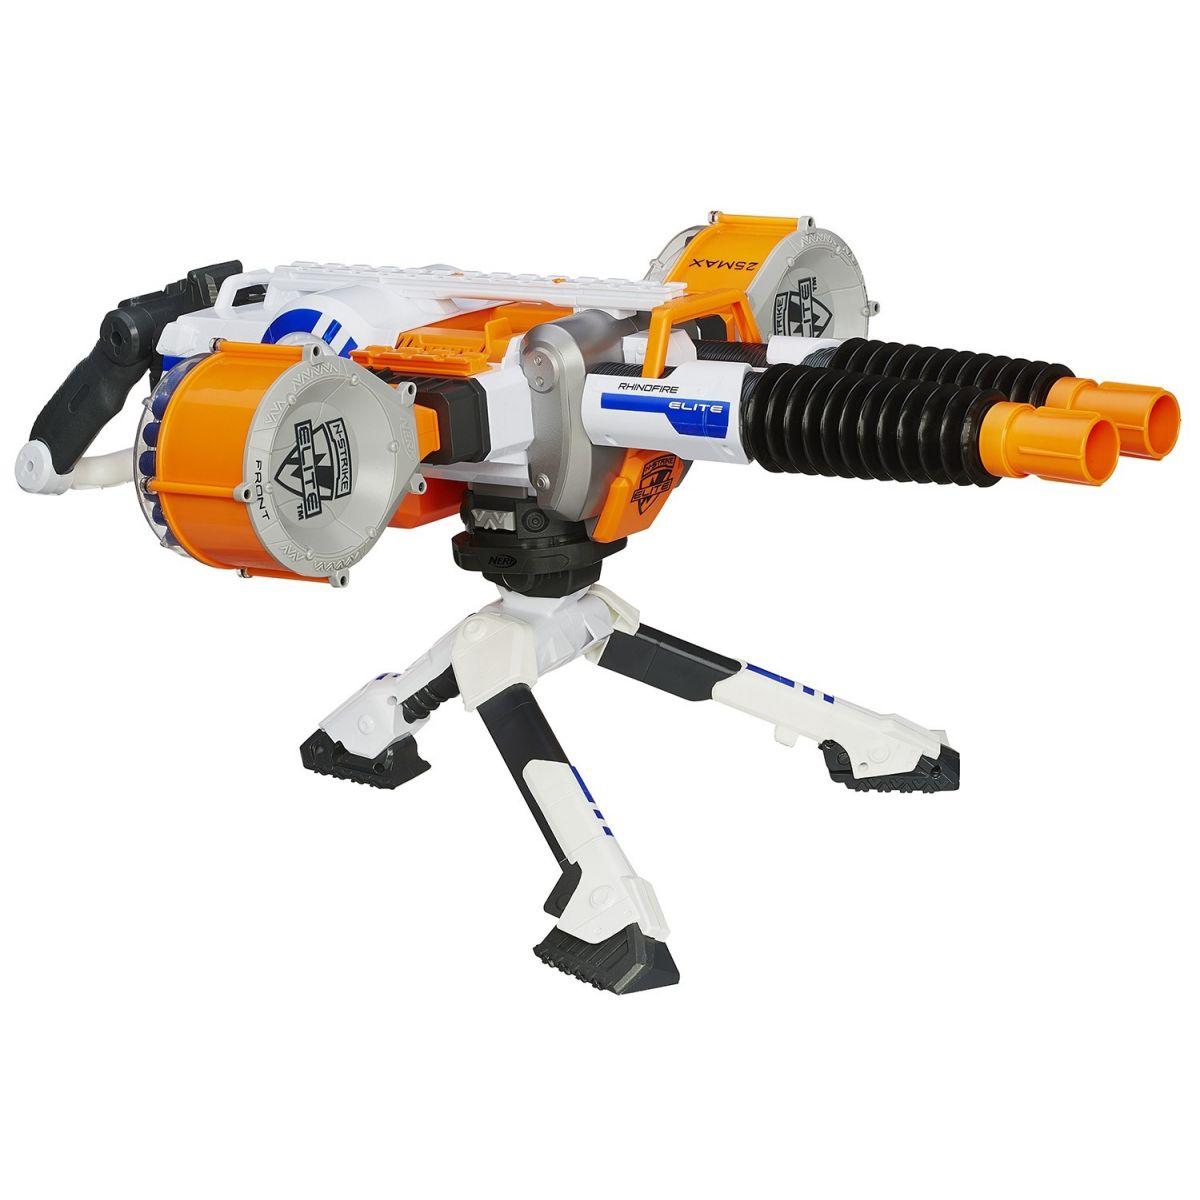 Nerf N-Strike Elite Rhino Fire